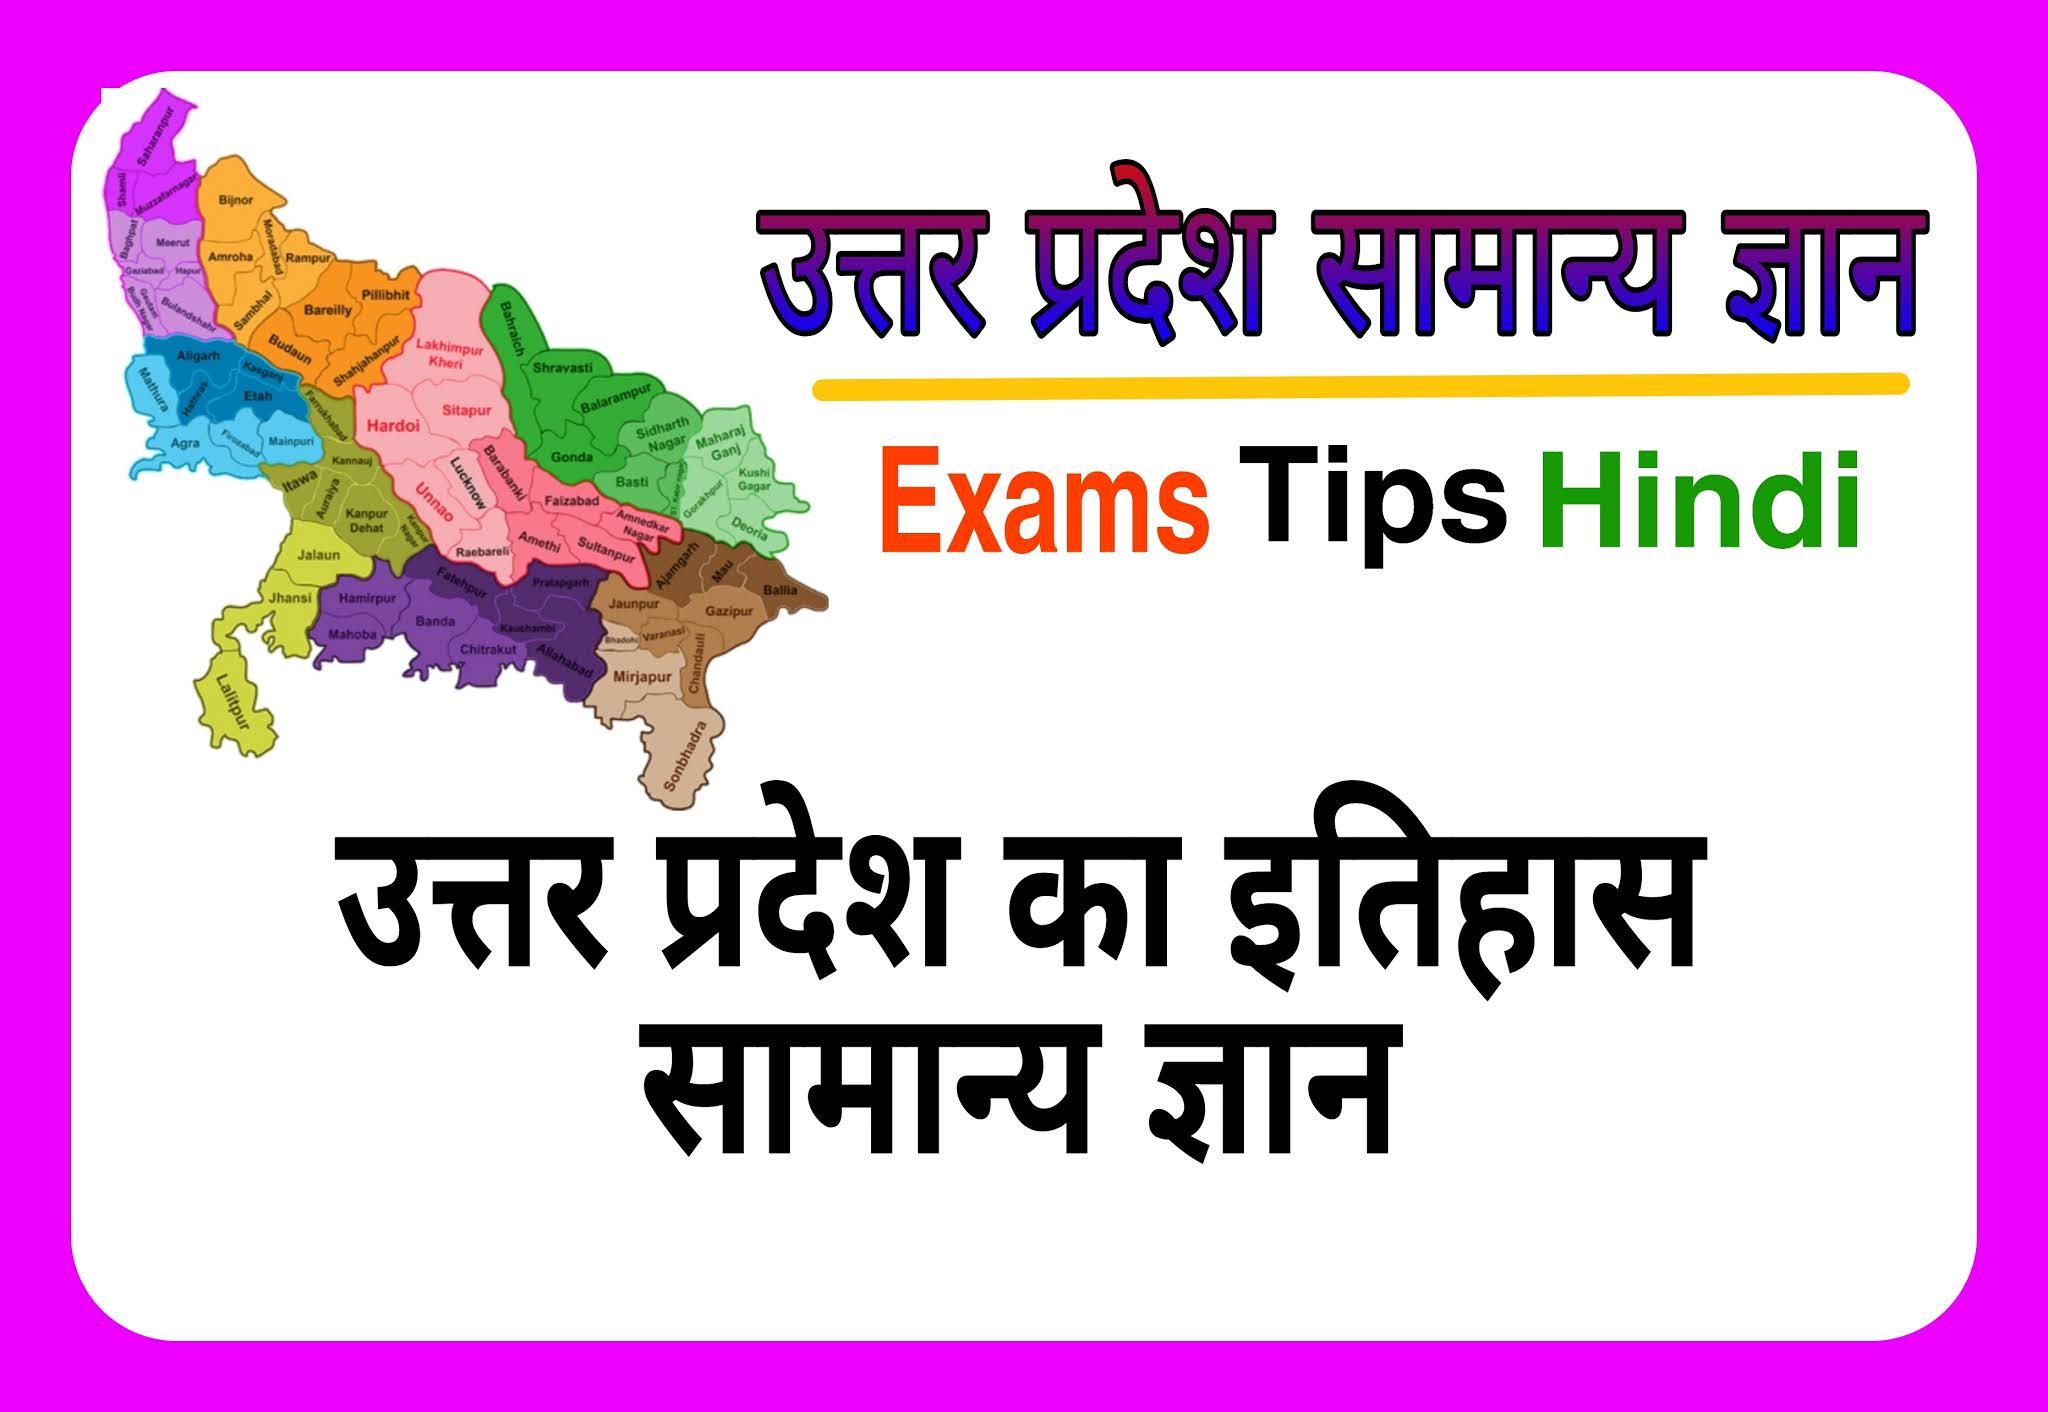 उत्तर प्रदेश GK, उत्तर प्रदेश का इतिहास, उत्तर प्रदेश History GK in Hindi, UP history gk in hindi, UP GK in Hindi, Uttar Pradesh ka itihas, UP ki Jankari